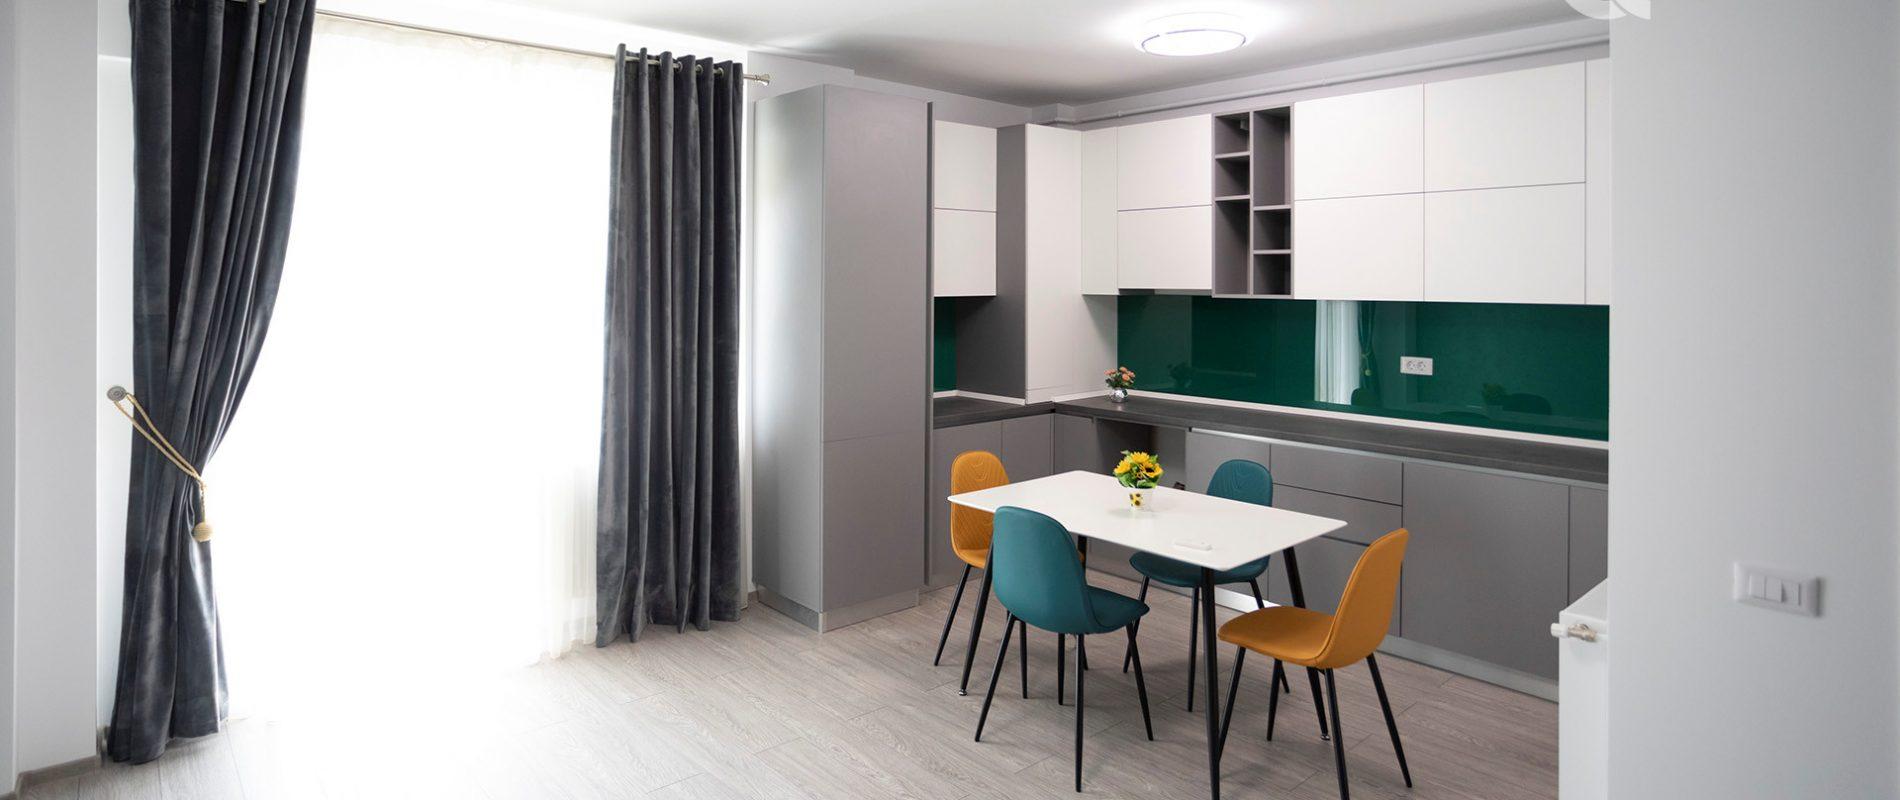 q-residence.ro-apartament-cu-doua-camere-bucatarie-livingroom-01